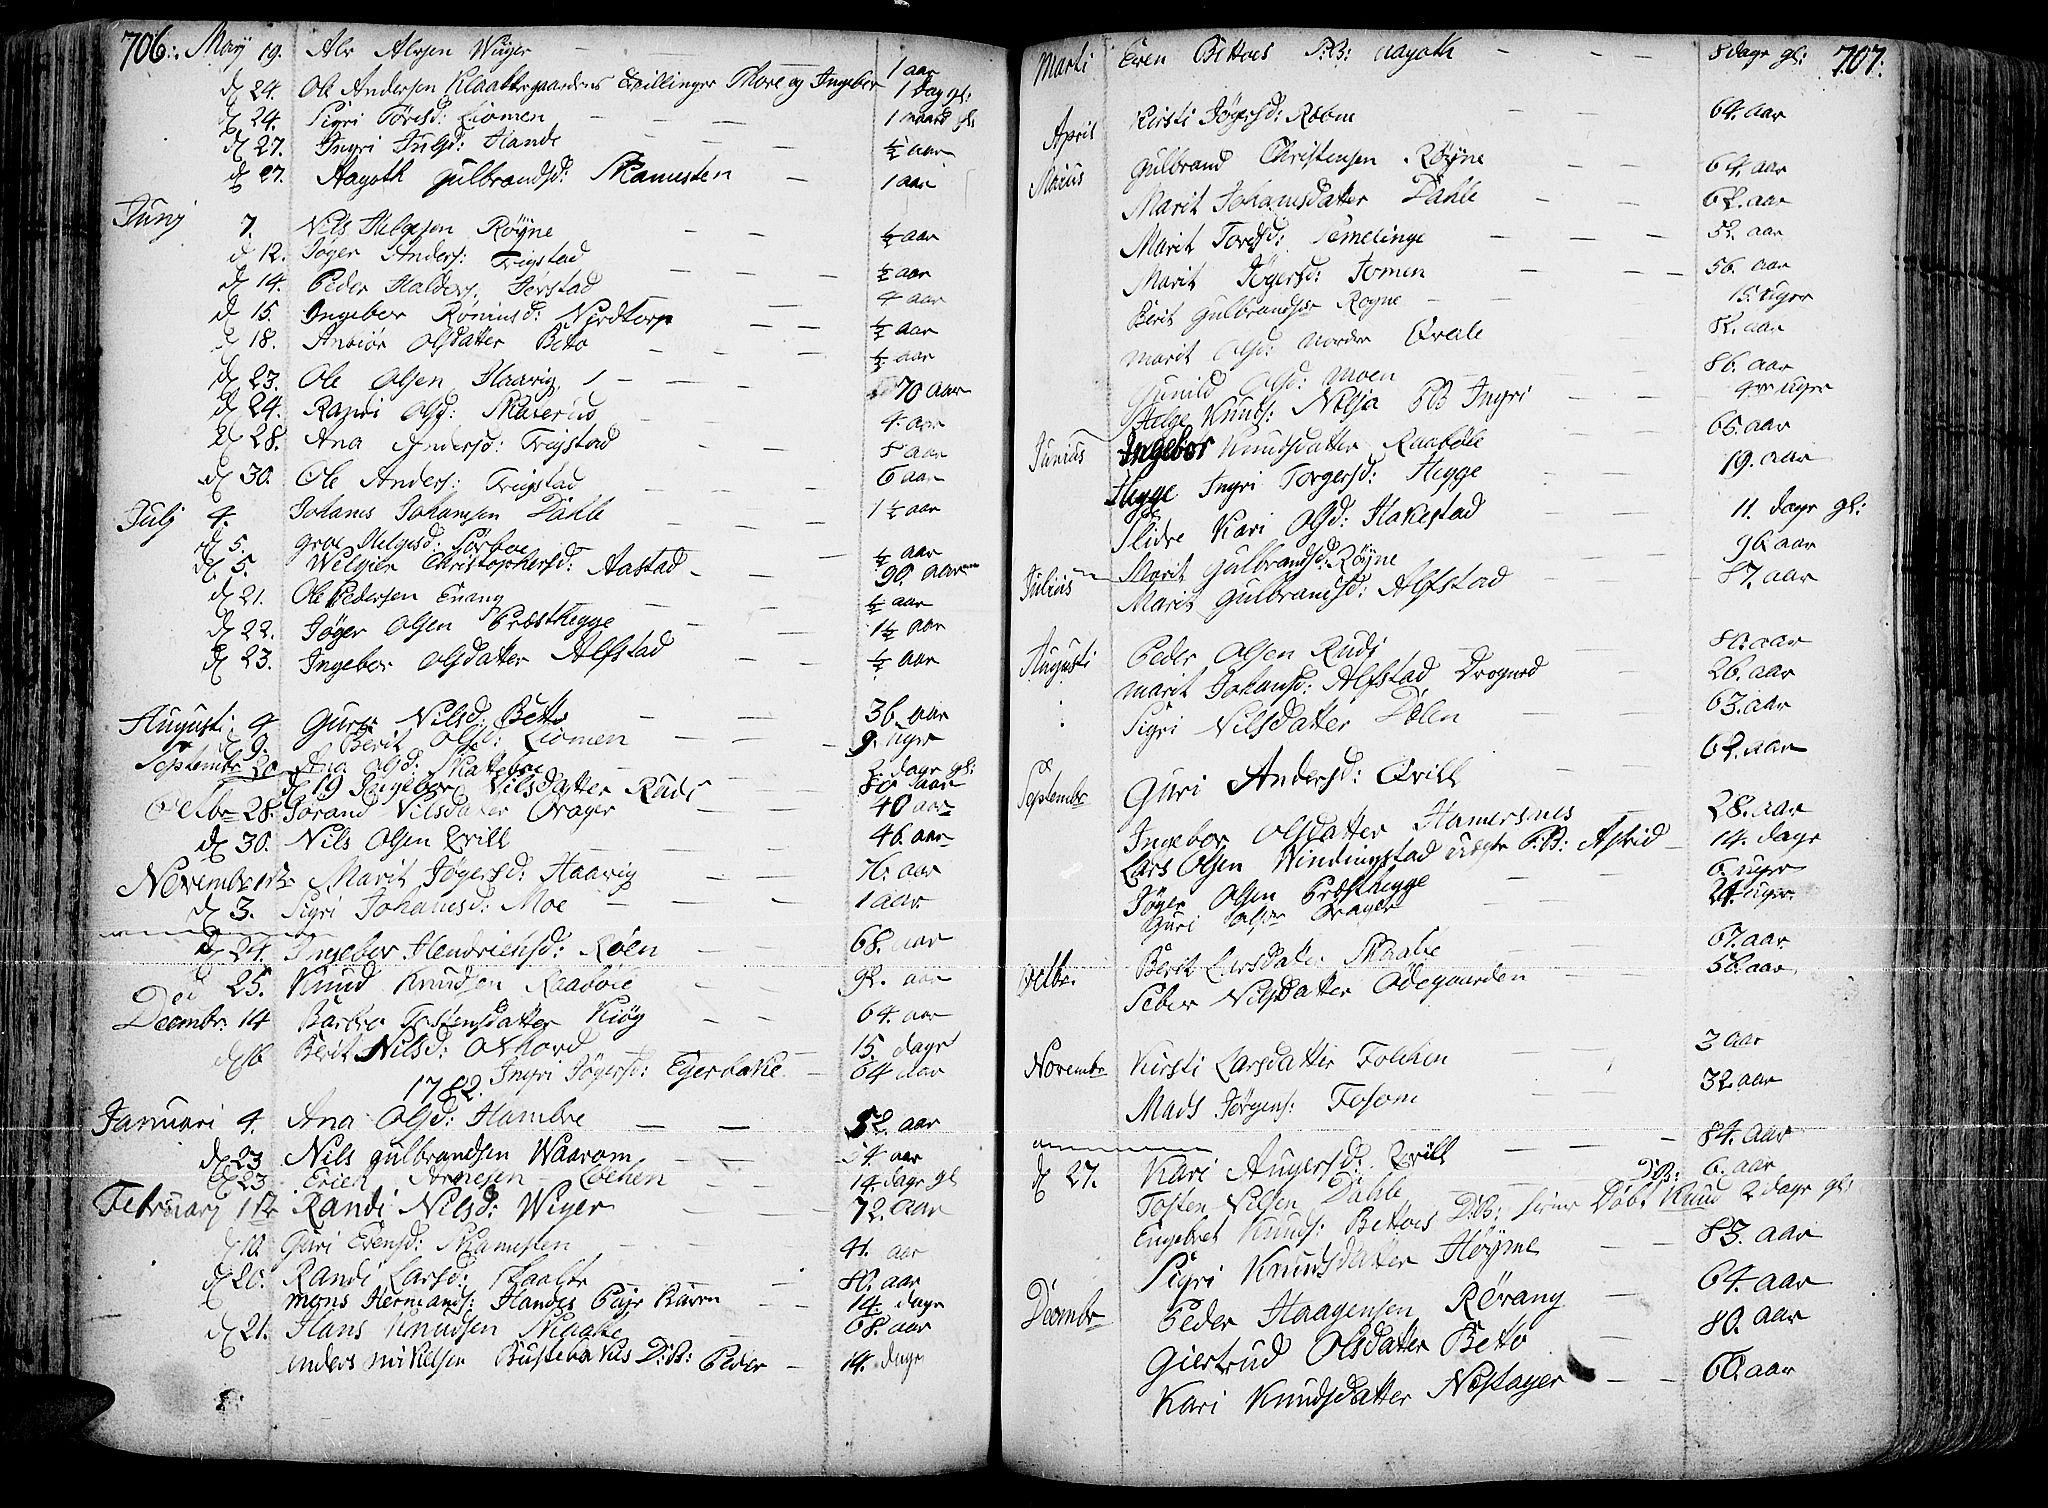 SAH, Slidre prestekontor, Ministerialbok nr. 1, 1724-1814, s. 706-707